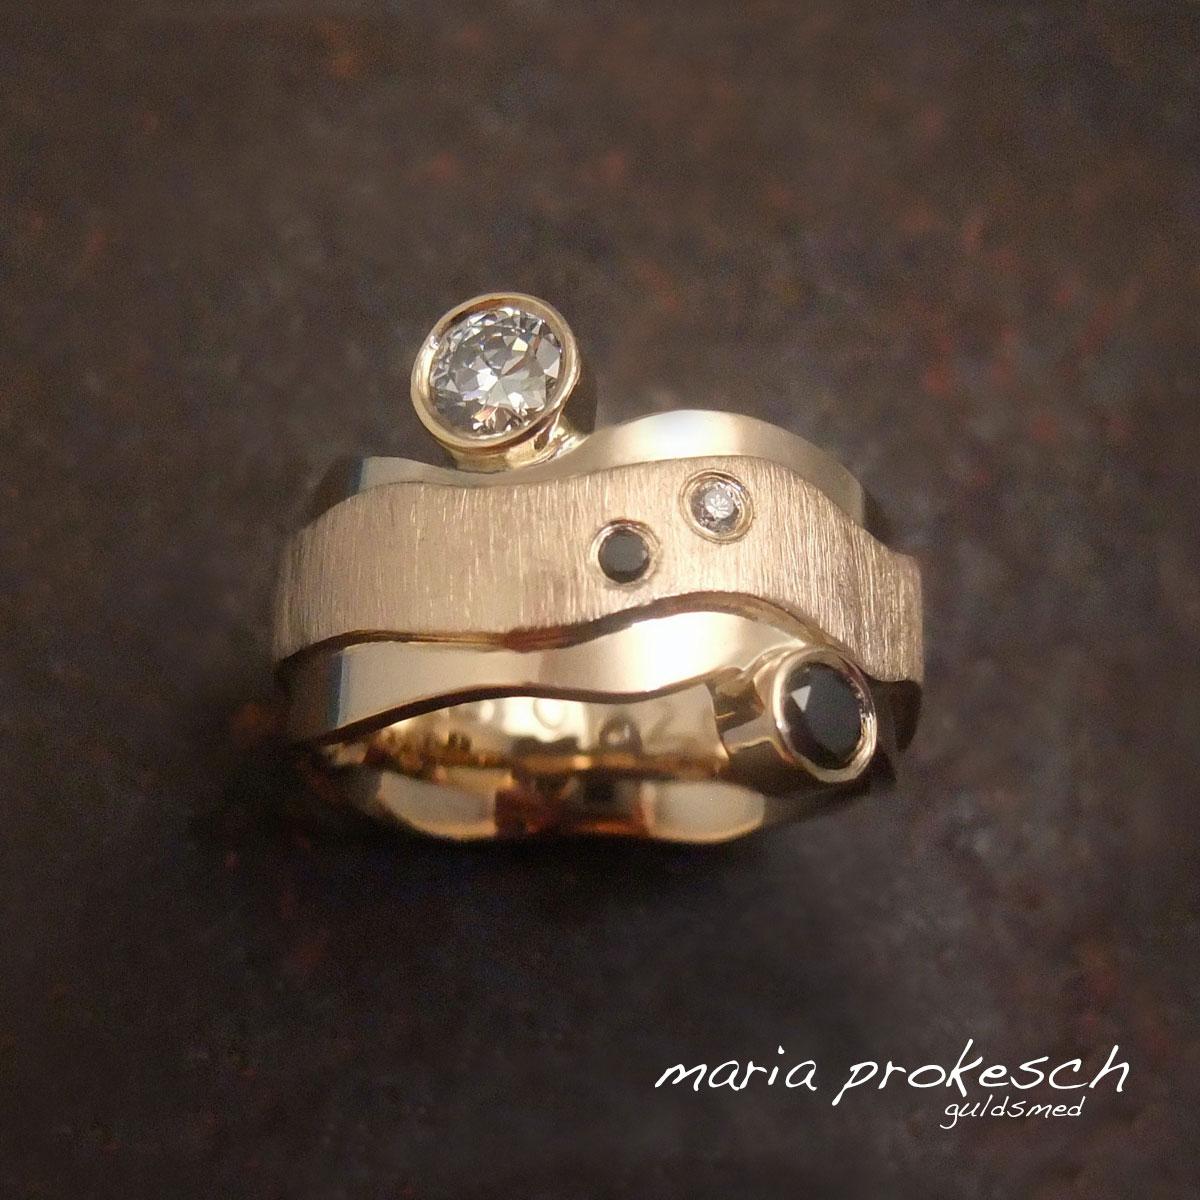 Fingerring til dame i guld med utraditionel design. Med både hvide og sorte diamanter. Håndlavet